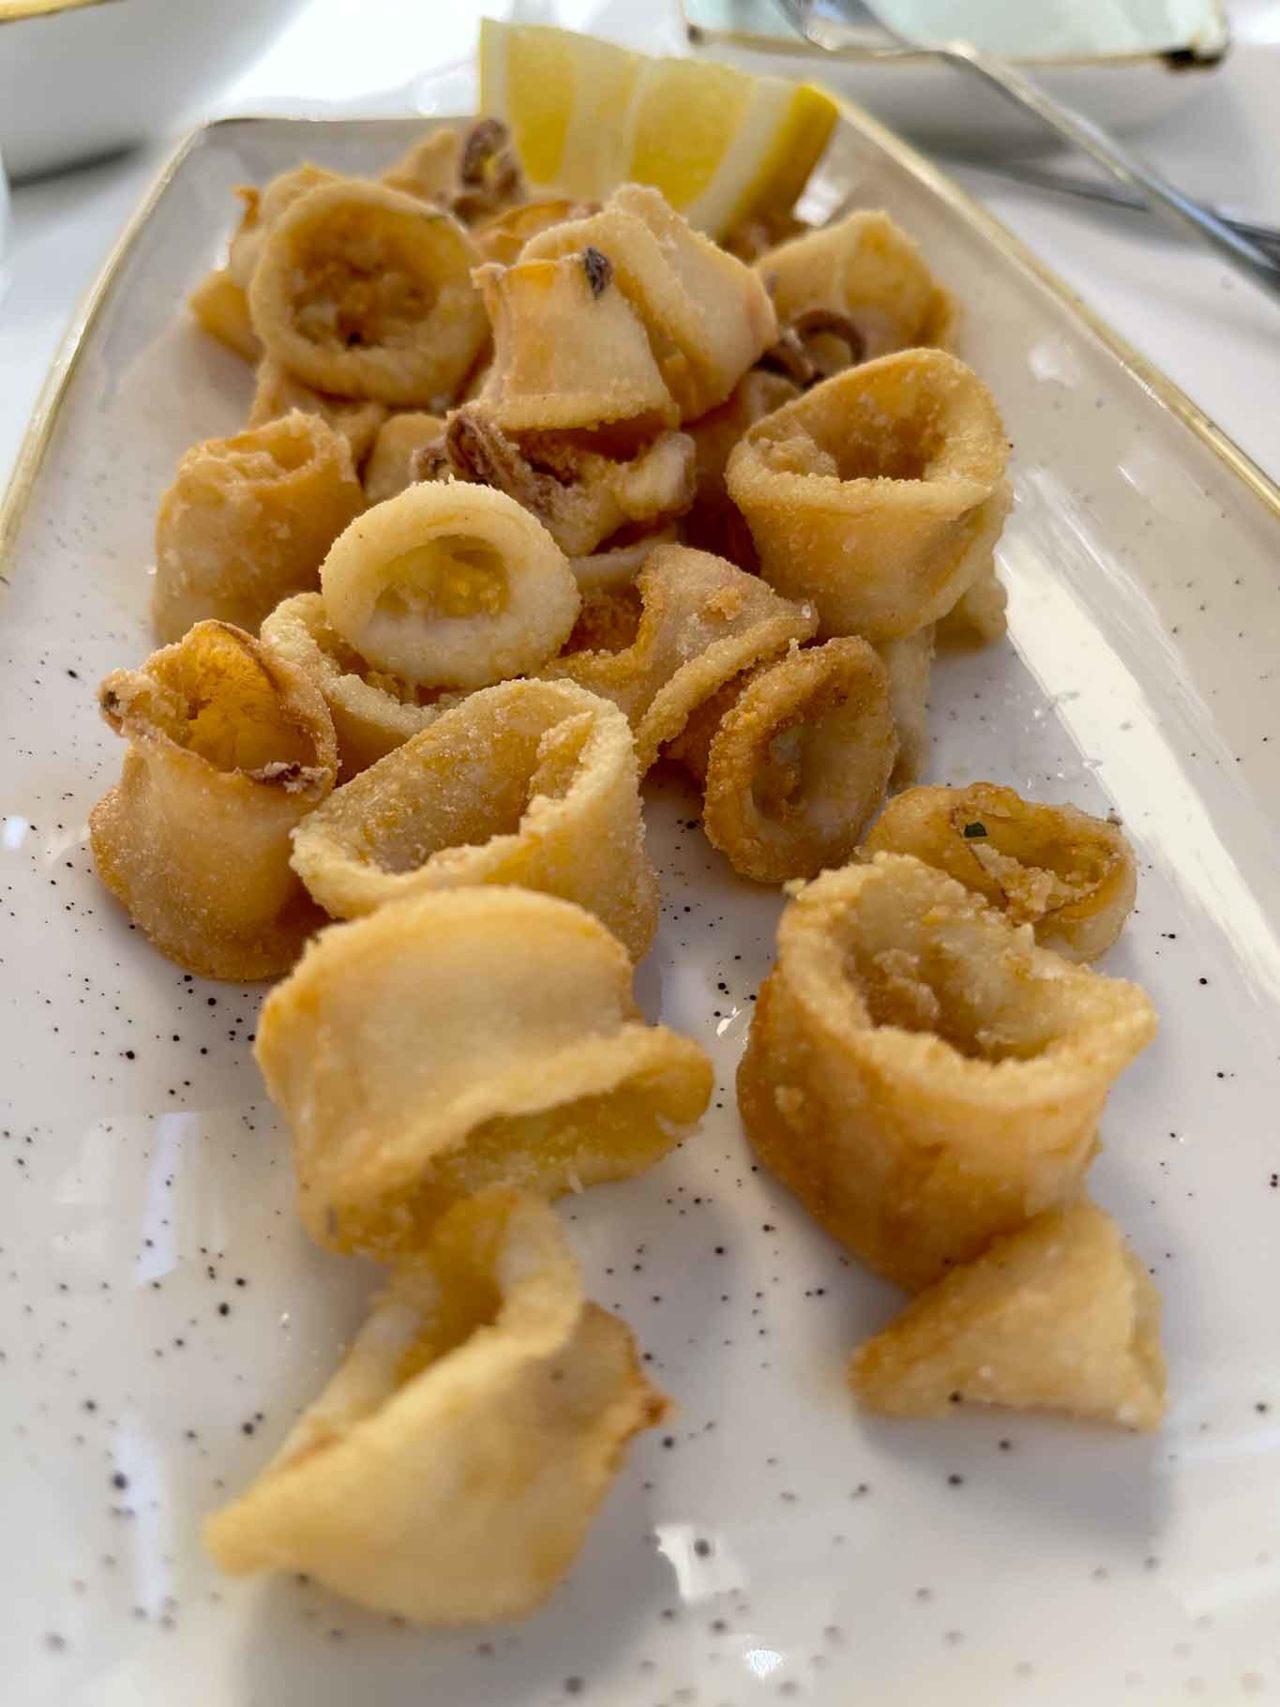 Osteria di Pescheria Salerno calamari fritti